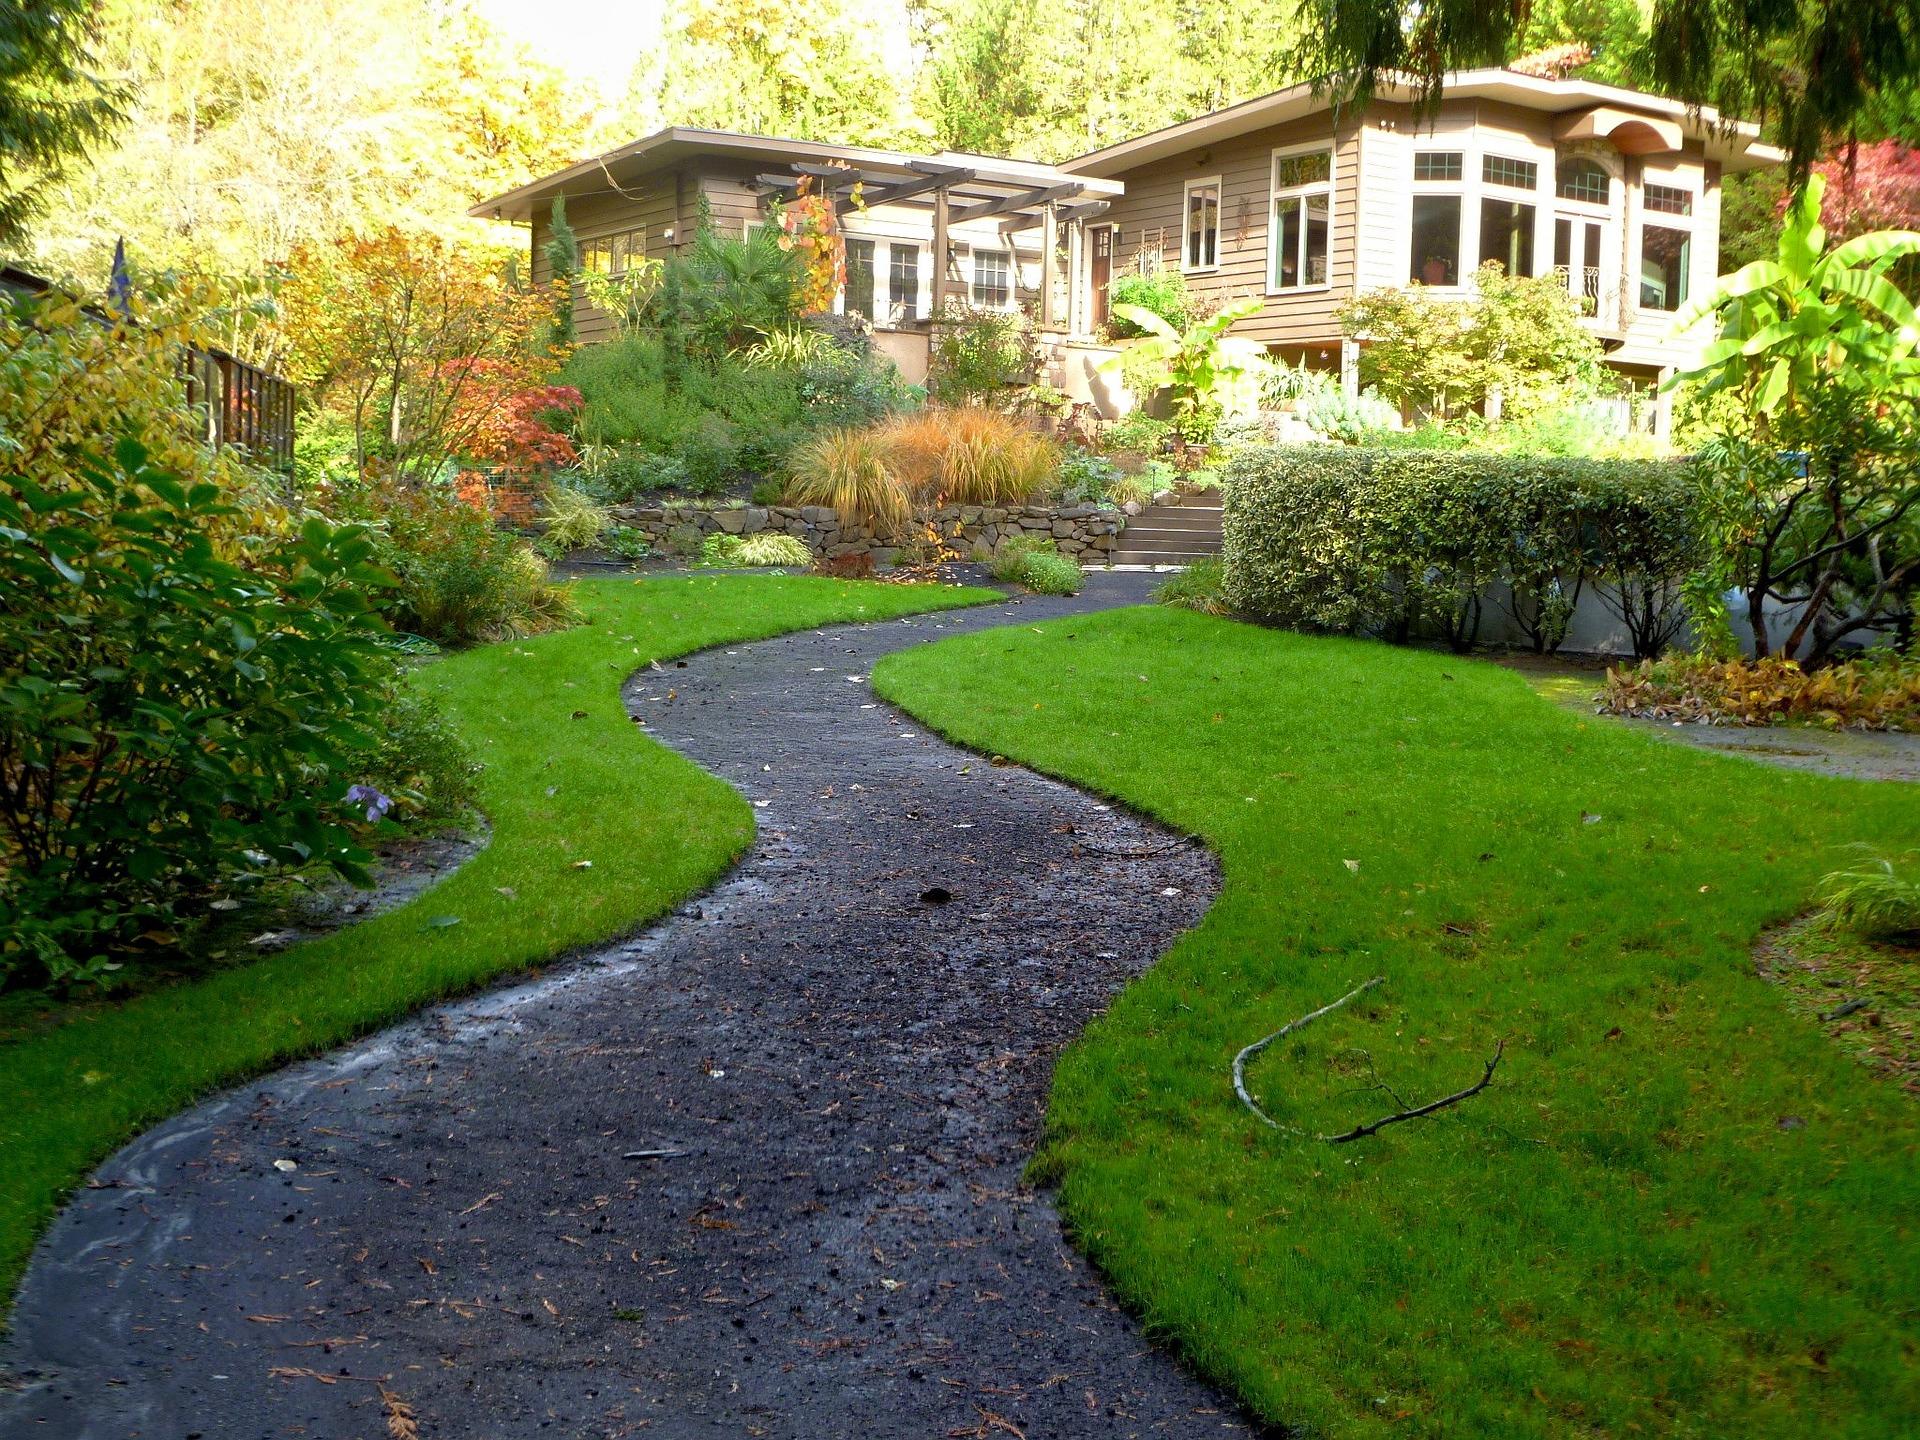 Maison avec grand jardin aménagé et bien entretenu parcouru par un petit chemin